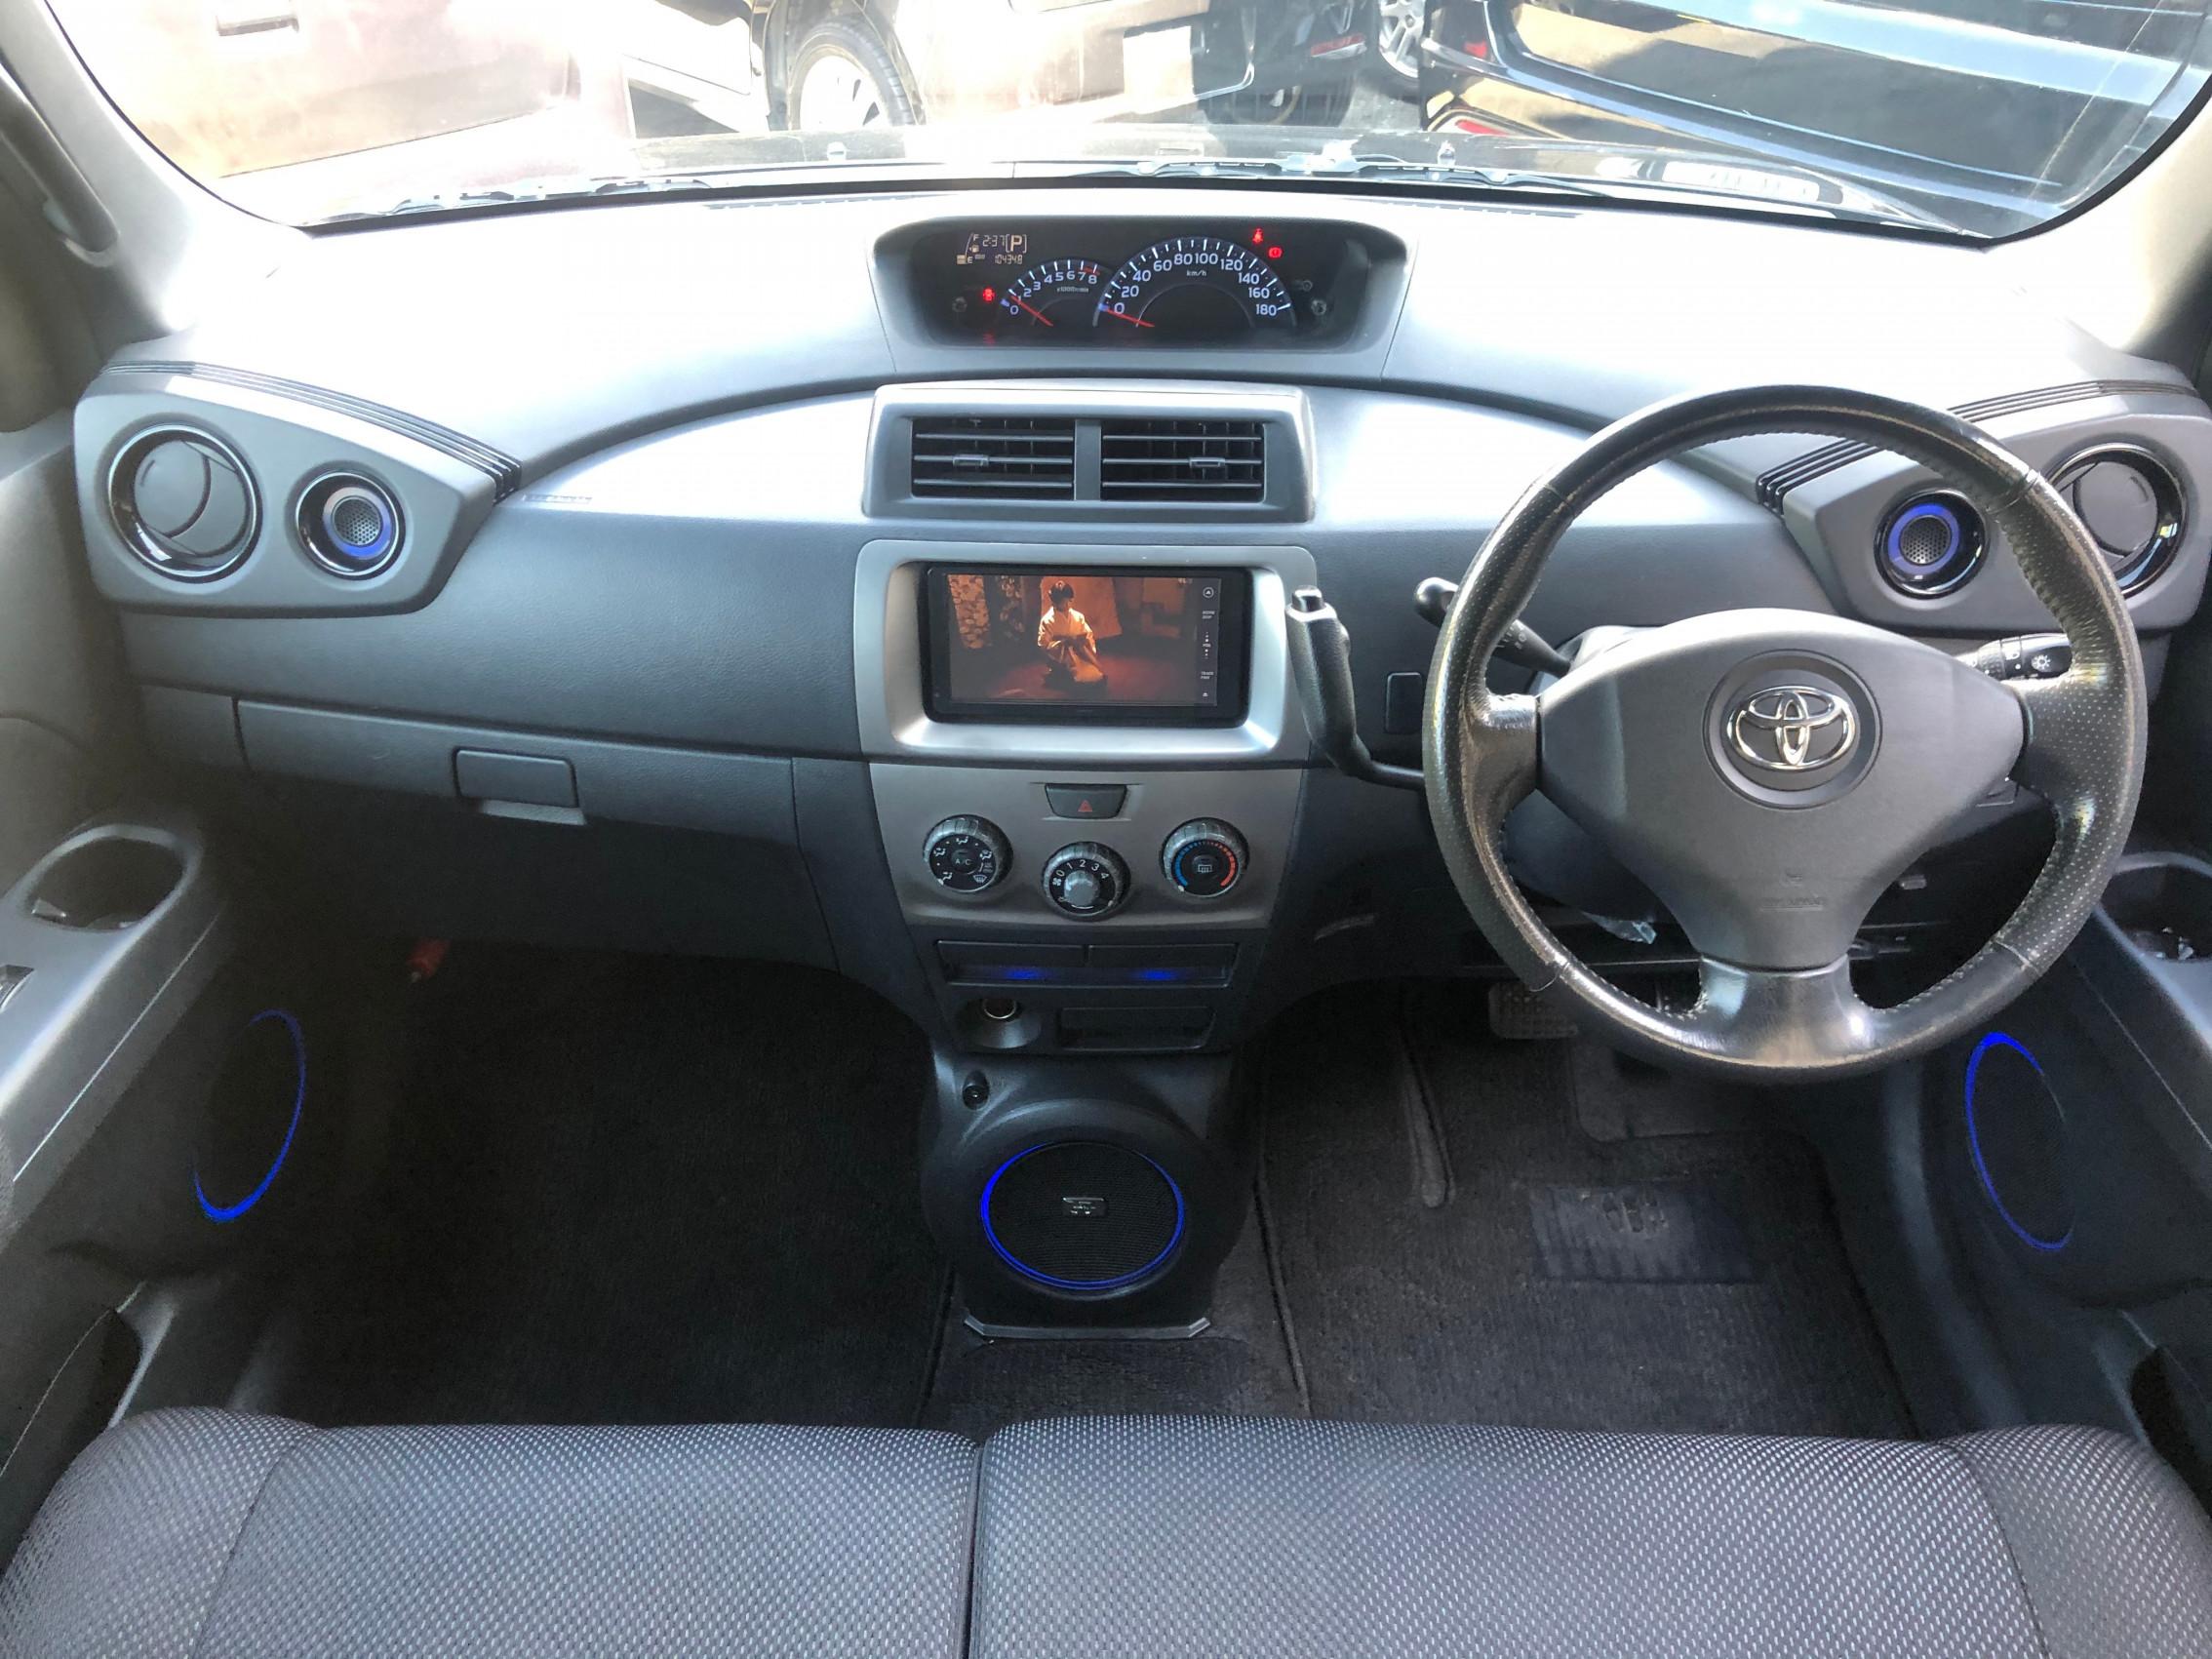 bB SエアロGパッケージ SDナビ ワンセグ スマートキー HID ベンチシート ウインカードアミラー タイミングチェーン コーナーセンサー